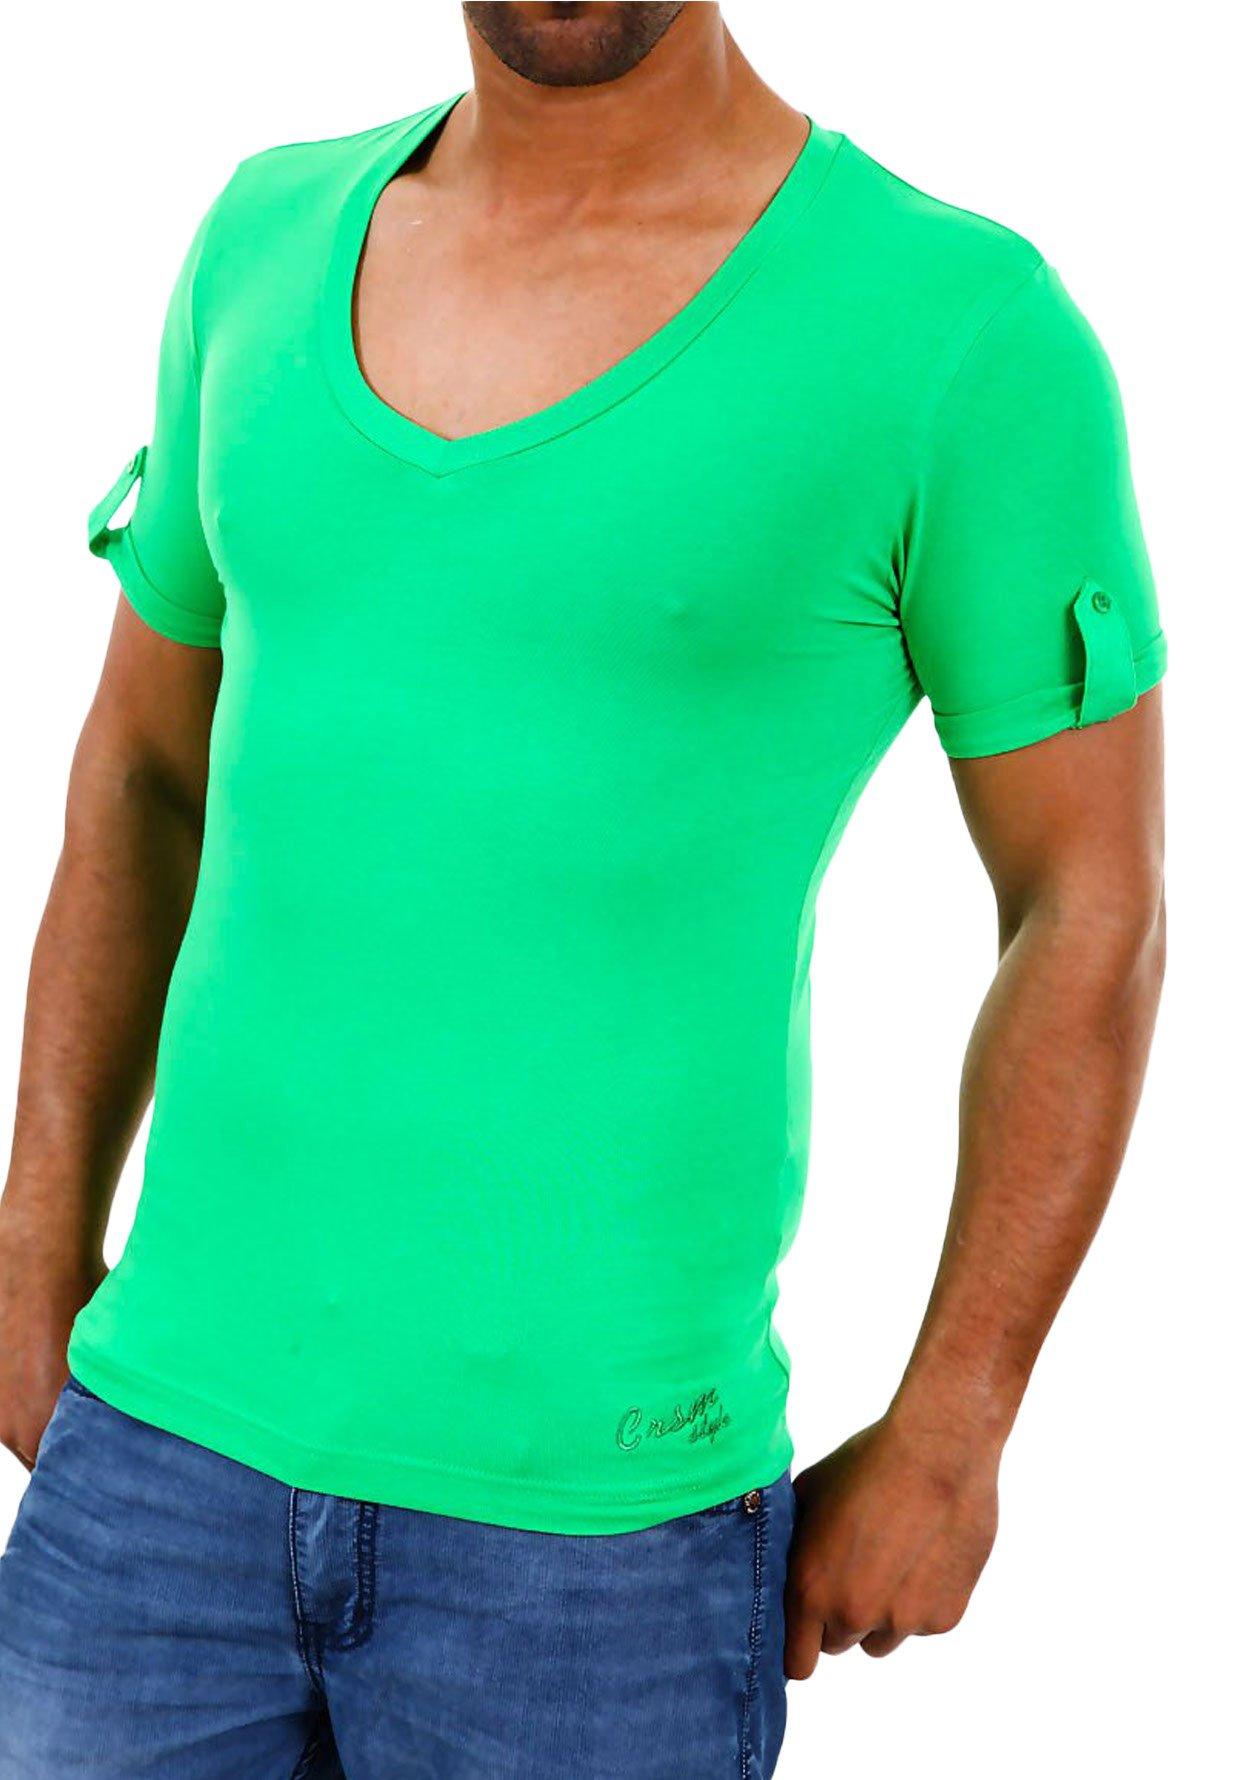 Sei un uomo a pomodoro? Una maglietta aderente e da colore sgargiante non fa proprio al caso tuo!